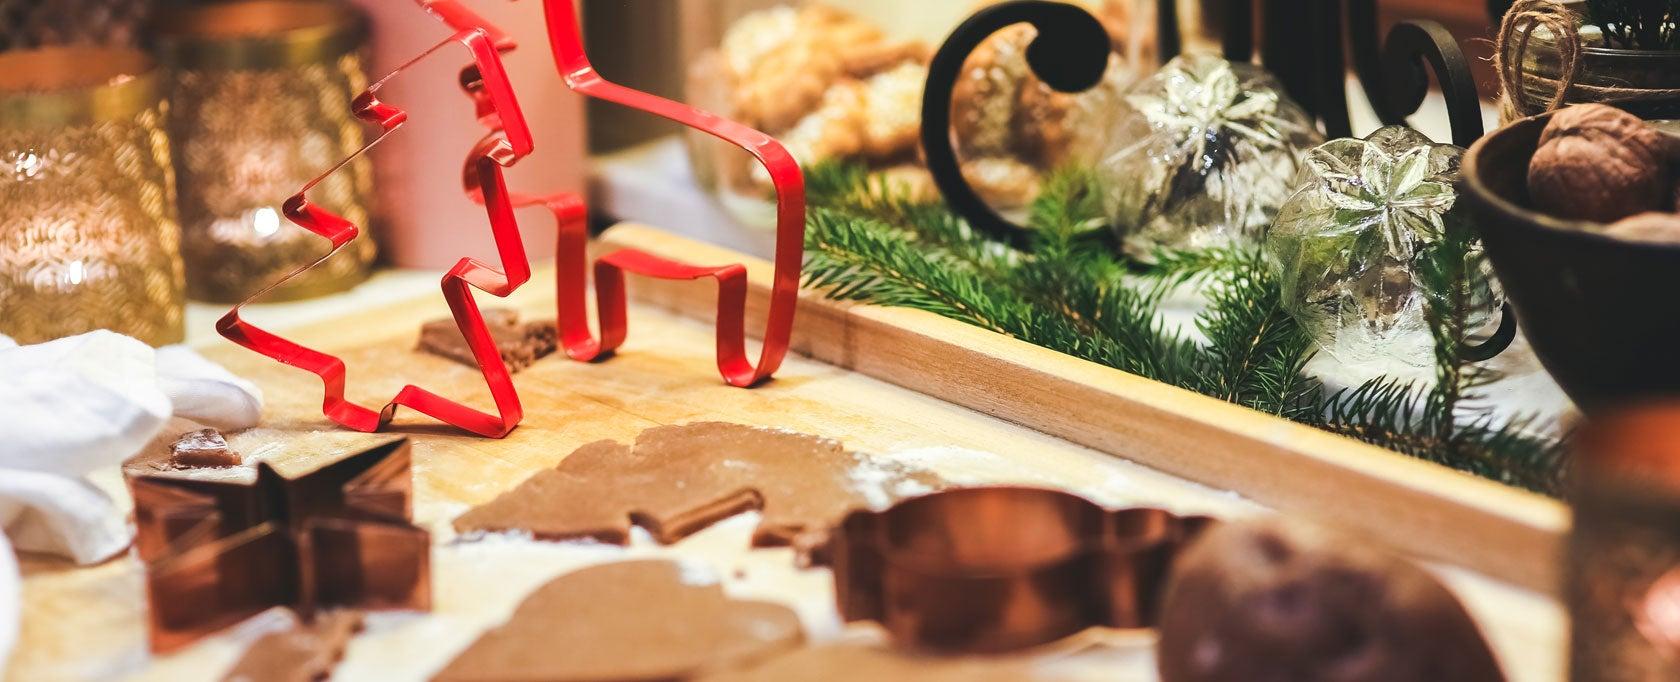 Gift-Guide_Header.jpg